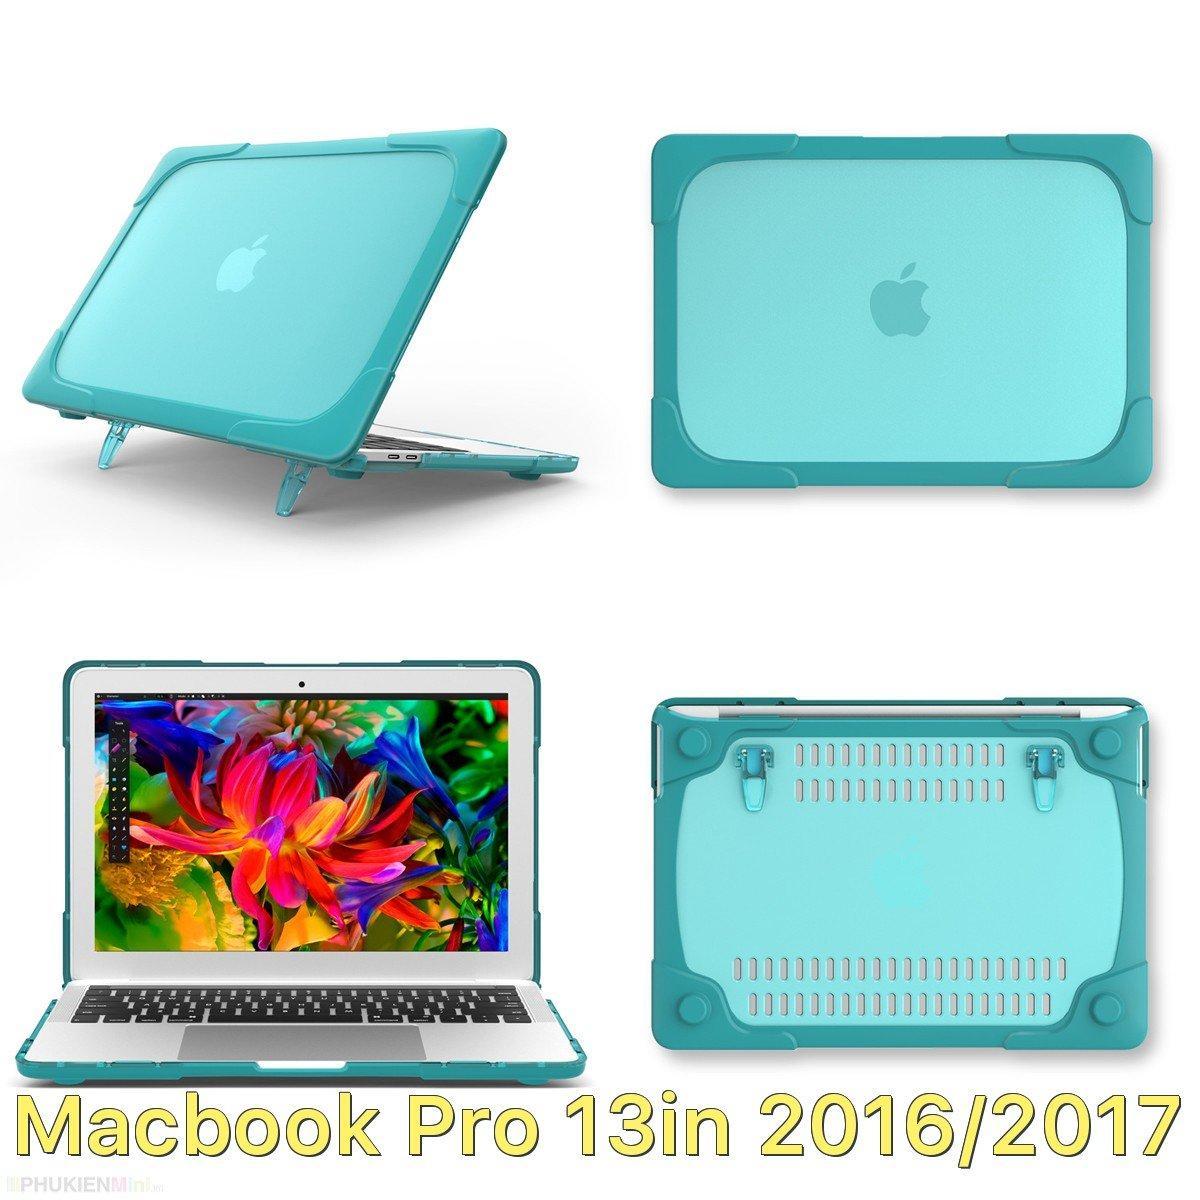 Vỏ cover chống sốc 360 bảo vệ Macbook Pro toàn diện Macbook Pro 13in 2016/2017 Đang Bán Tại PhuKienMini